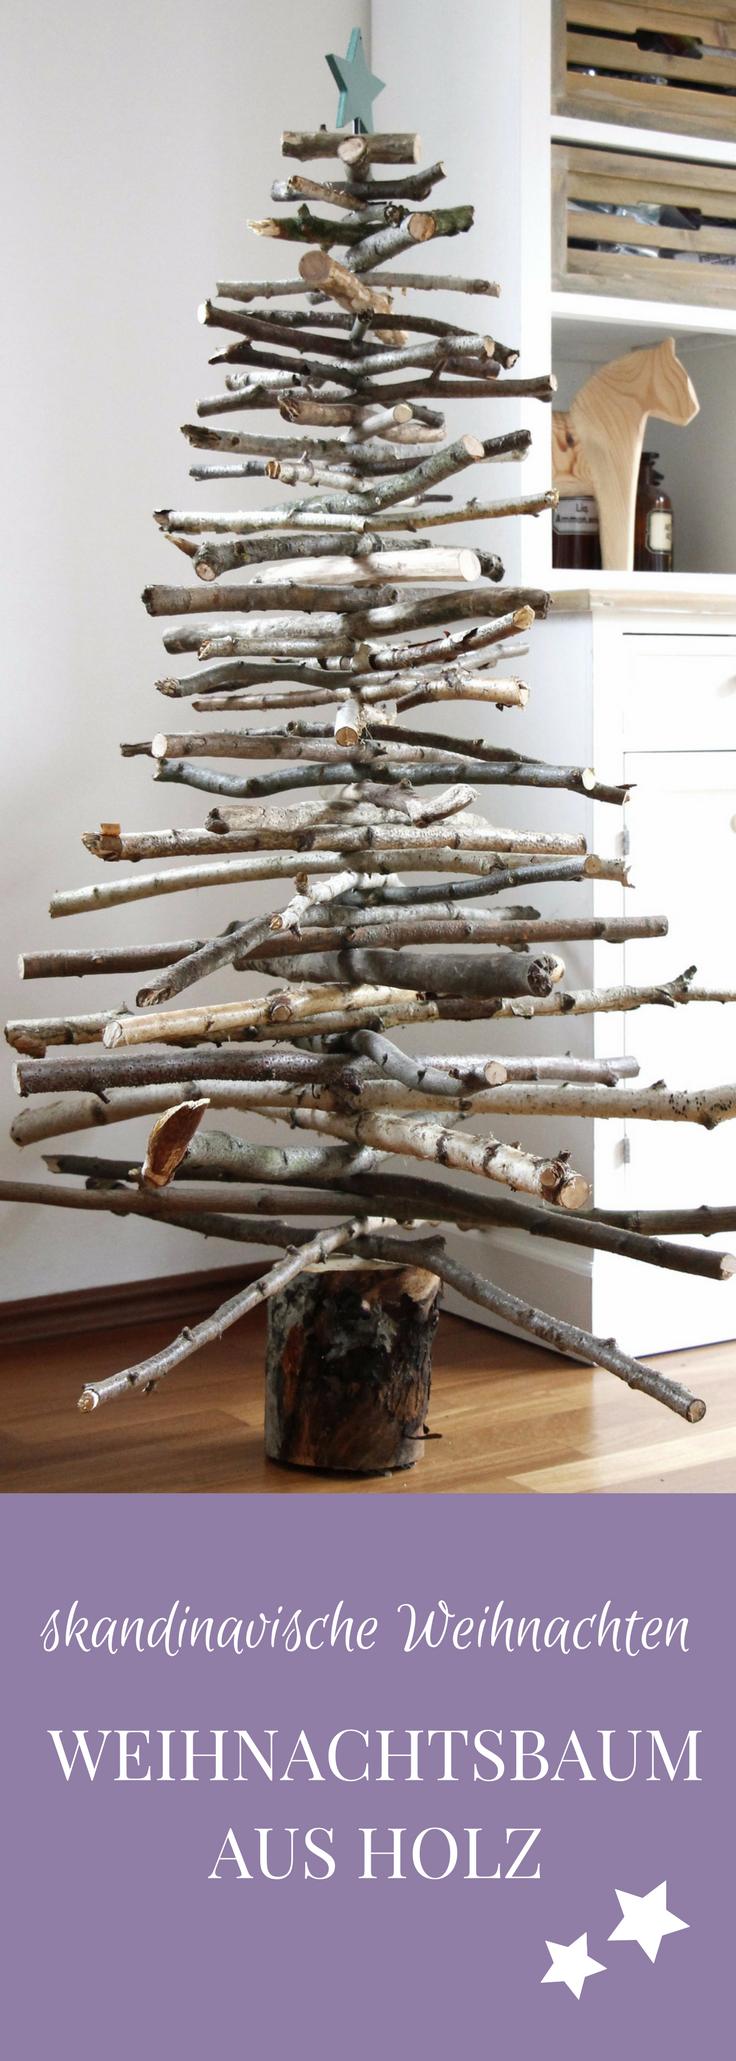 weihnachtliche diy idee weihnachtsbaum aus holz bauen holz tannenbaum tannenbaum aus holz. Black Bedroom Furniture Sets. Home Design Ideas